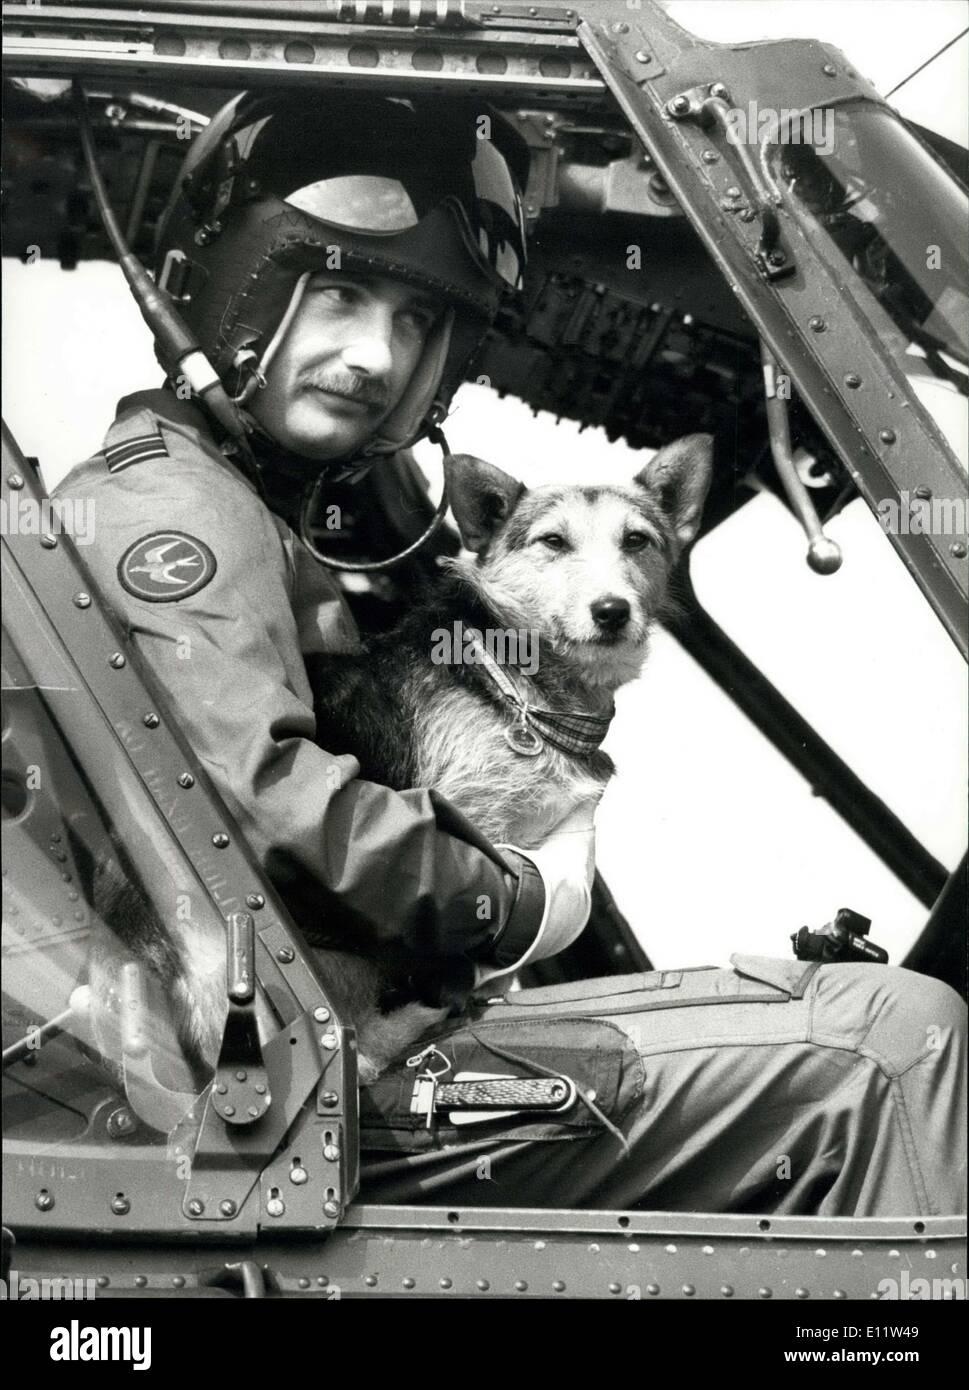 Abril 09, 1980 - El desfile de guardias galeses para decir adiós a las ratas: En Elizabeth cuarteles, campamentos de Pirbright, Brookwood' de Woking (Surrey), hoy el 1er Batallón de guardias galeses fueron en un desfile para decir adiós a las ratas las mestizas (Corgie/Terrier?), que ha sido retirado en el consejo veterinario, ratas está pensado para ser de 8 años y gran parte de su vida ha transcurrido con las compañías en Crossmaglen roulement sur de Armagh, en Irlanda del Norte. En diciembre del año pasado fue condecorado con la medalla de oro para perros Pro el perro más dedicado al servicio y fue dado permiso para volver a Londres para la presentación Foto de stock